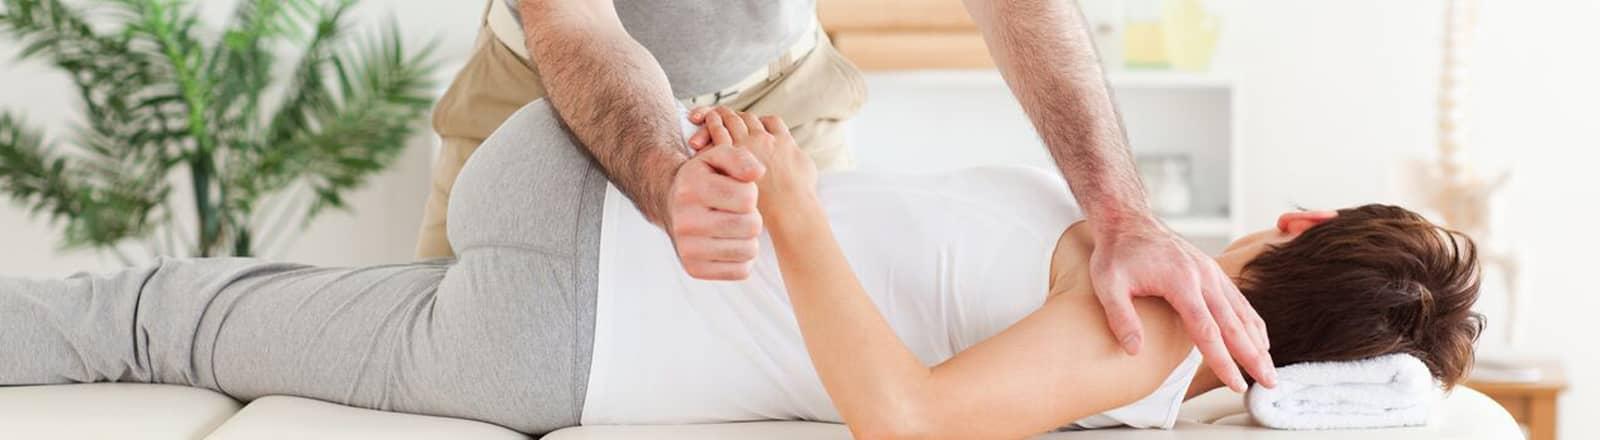 osteopatia estructural